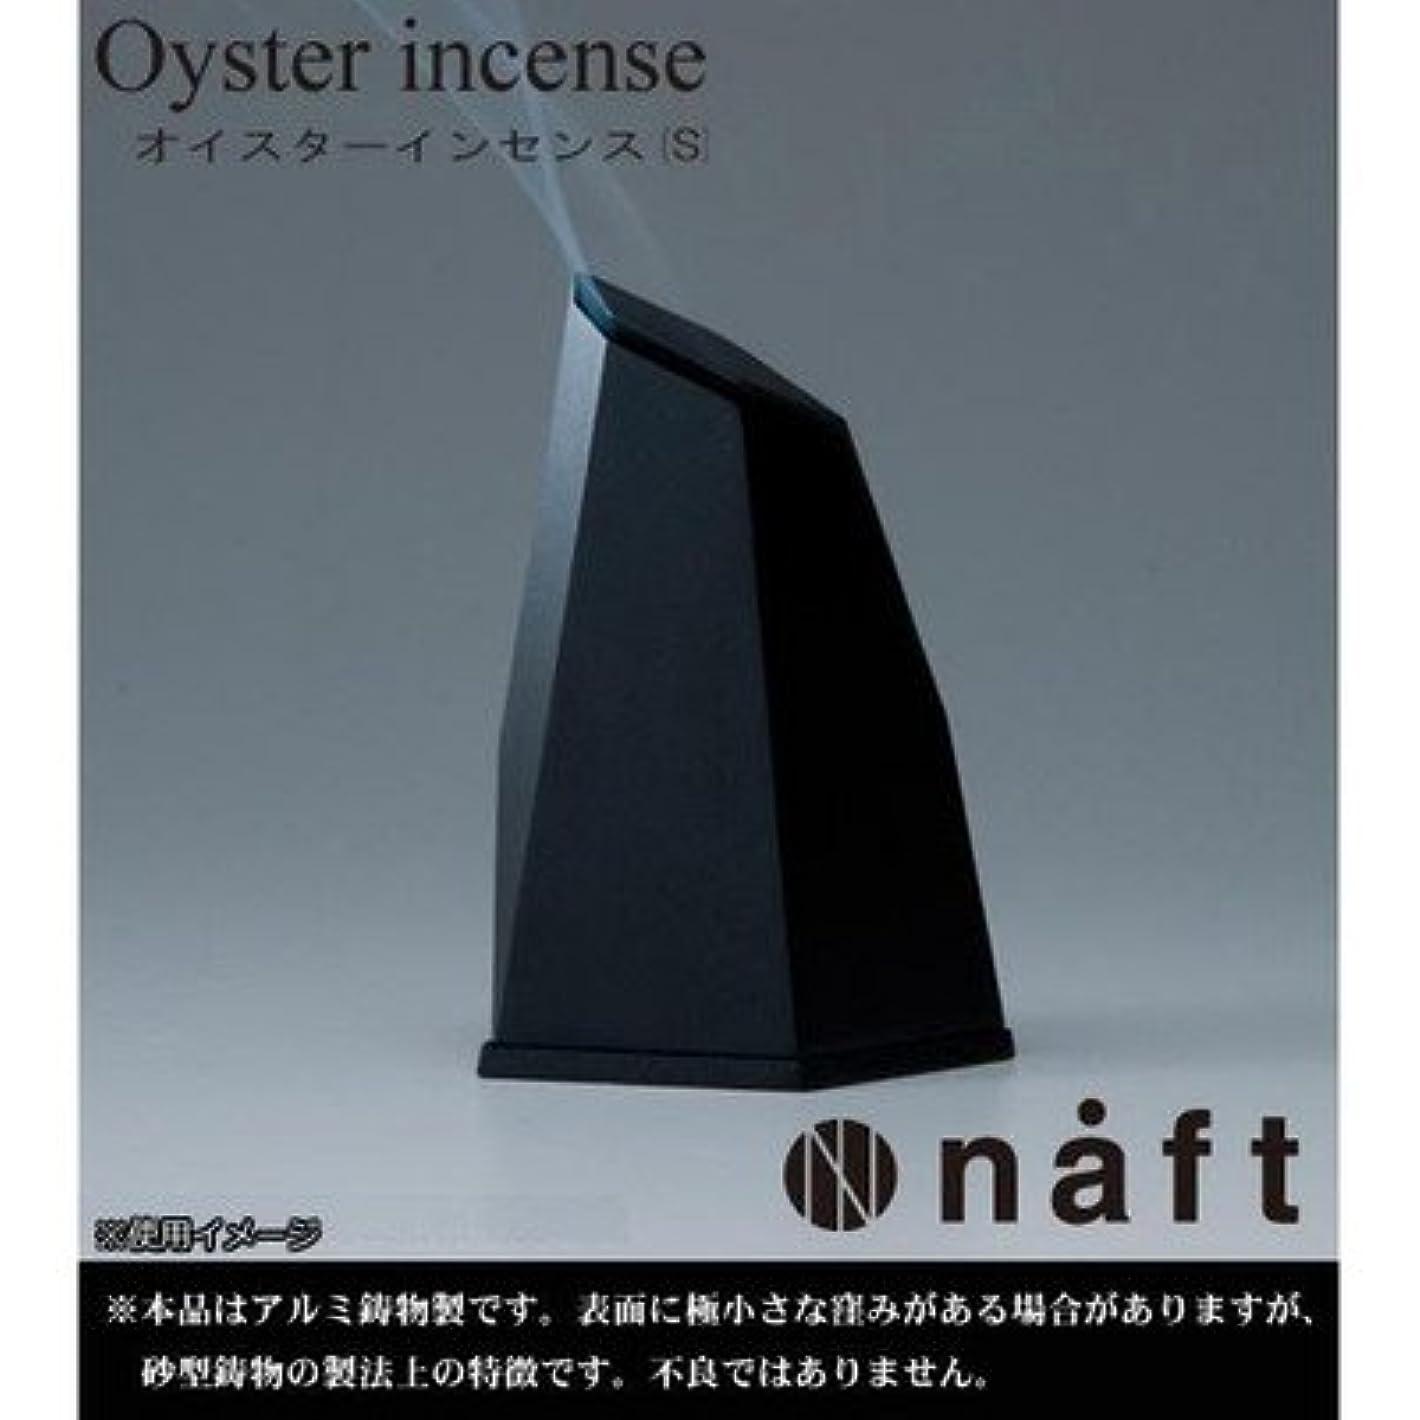 食事護衛ポルティコシンプルだけどインパクトのあるフォルム naft Oyster incense オイスターインセンス 香炉 Sサイズ ブラック